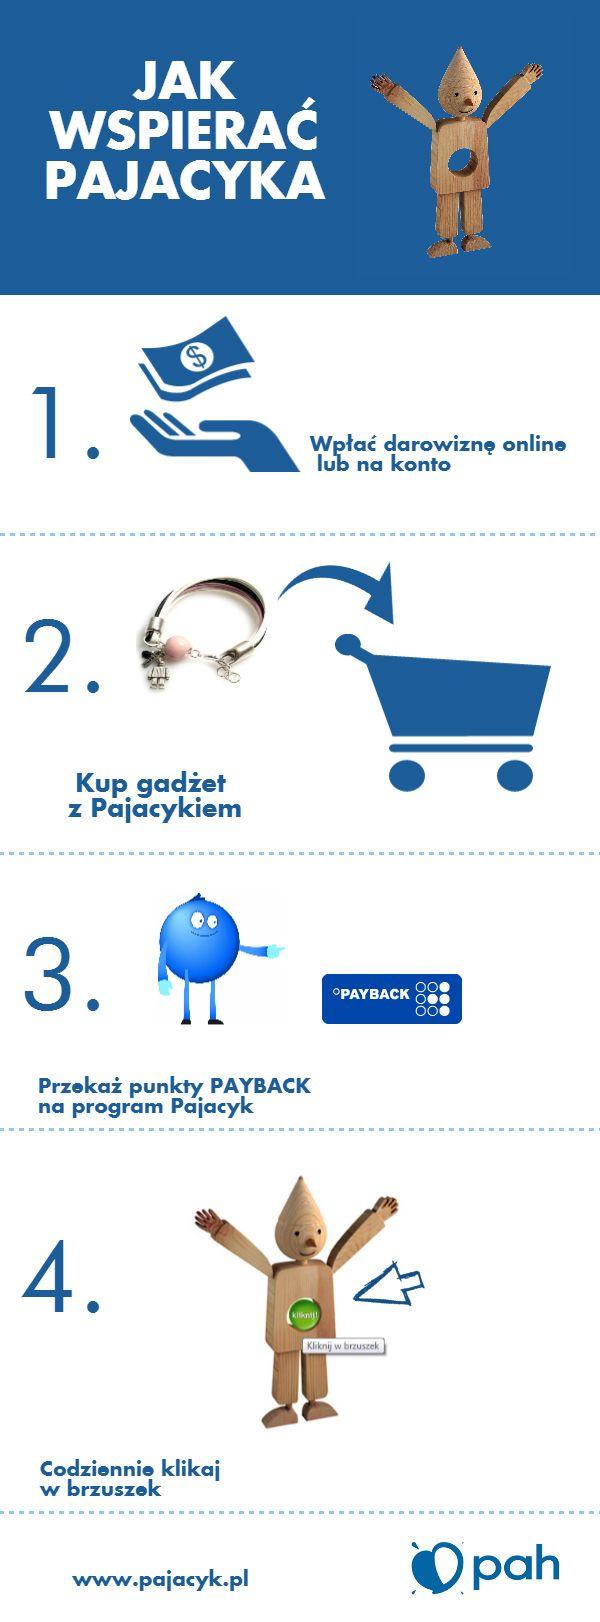 Jak wspierać Pajacyka www.pajacyk.pl